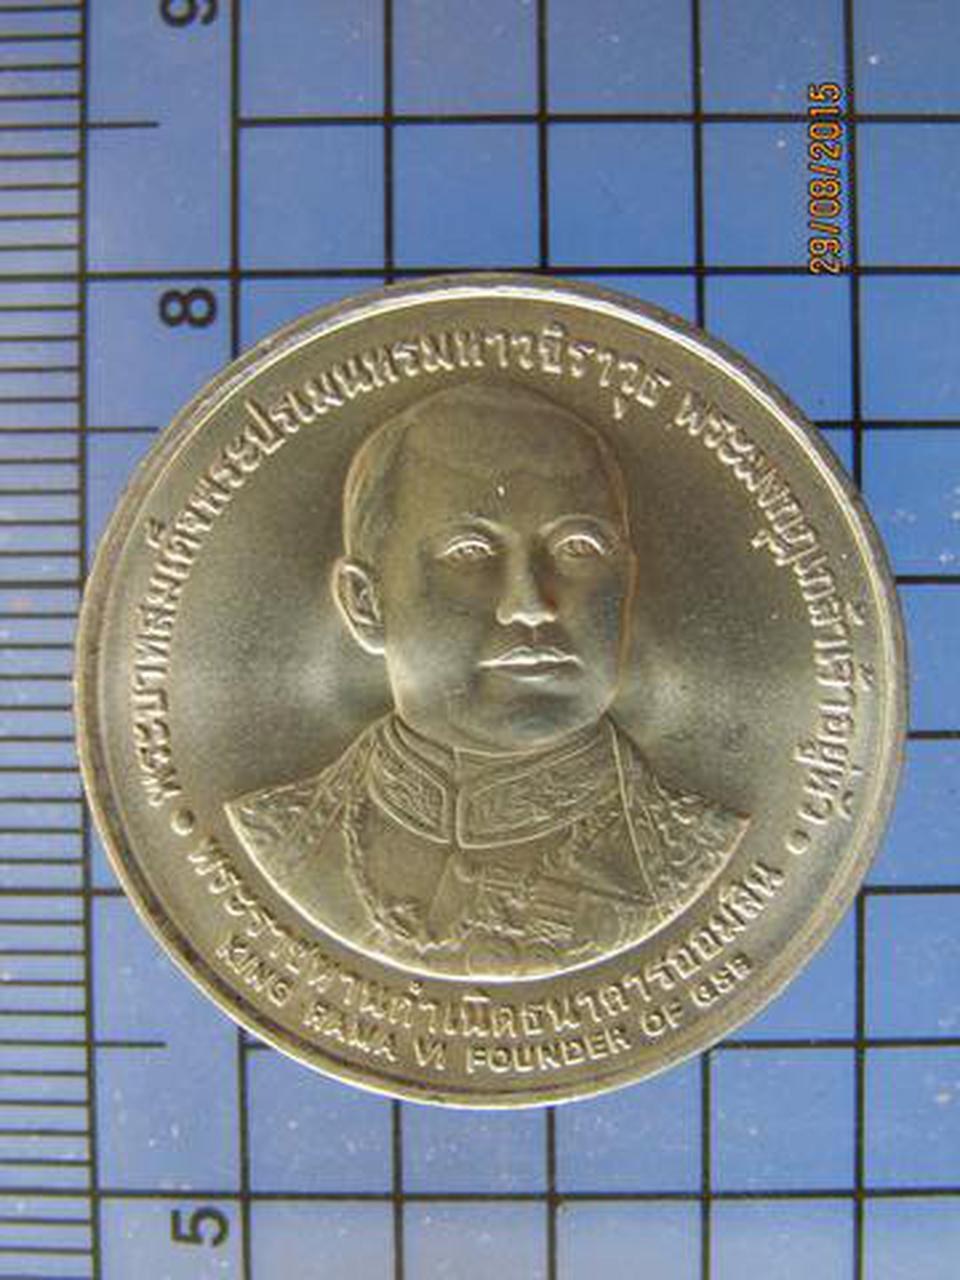 2599 เหรียญในหลวง ร.6 ผู้พระราชทานกำเนิดธนาคารออมสิน 1 เมย.2 รูปที่ 1